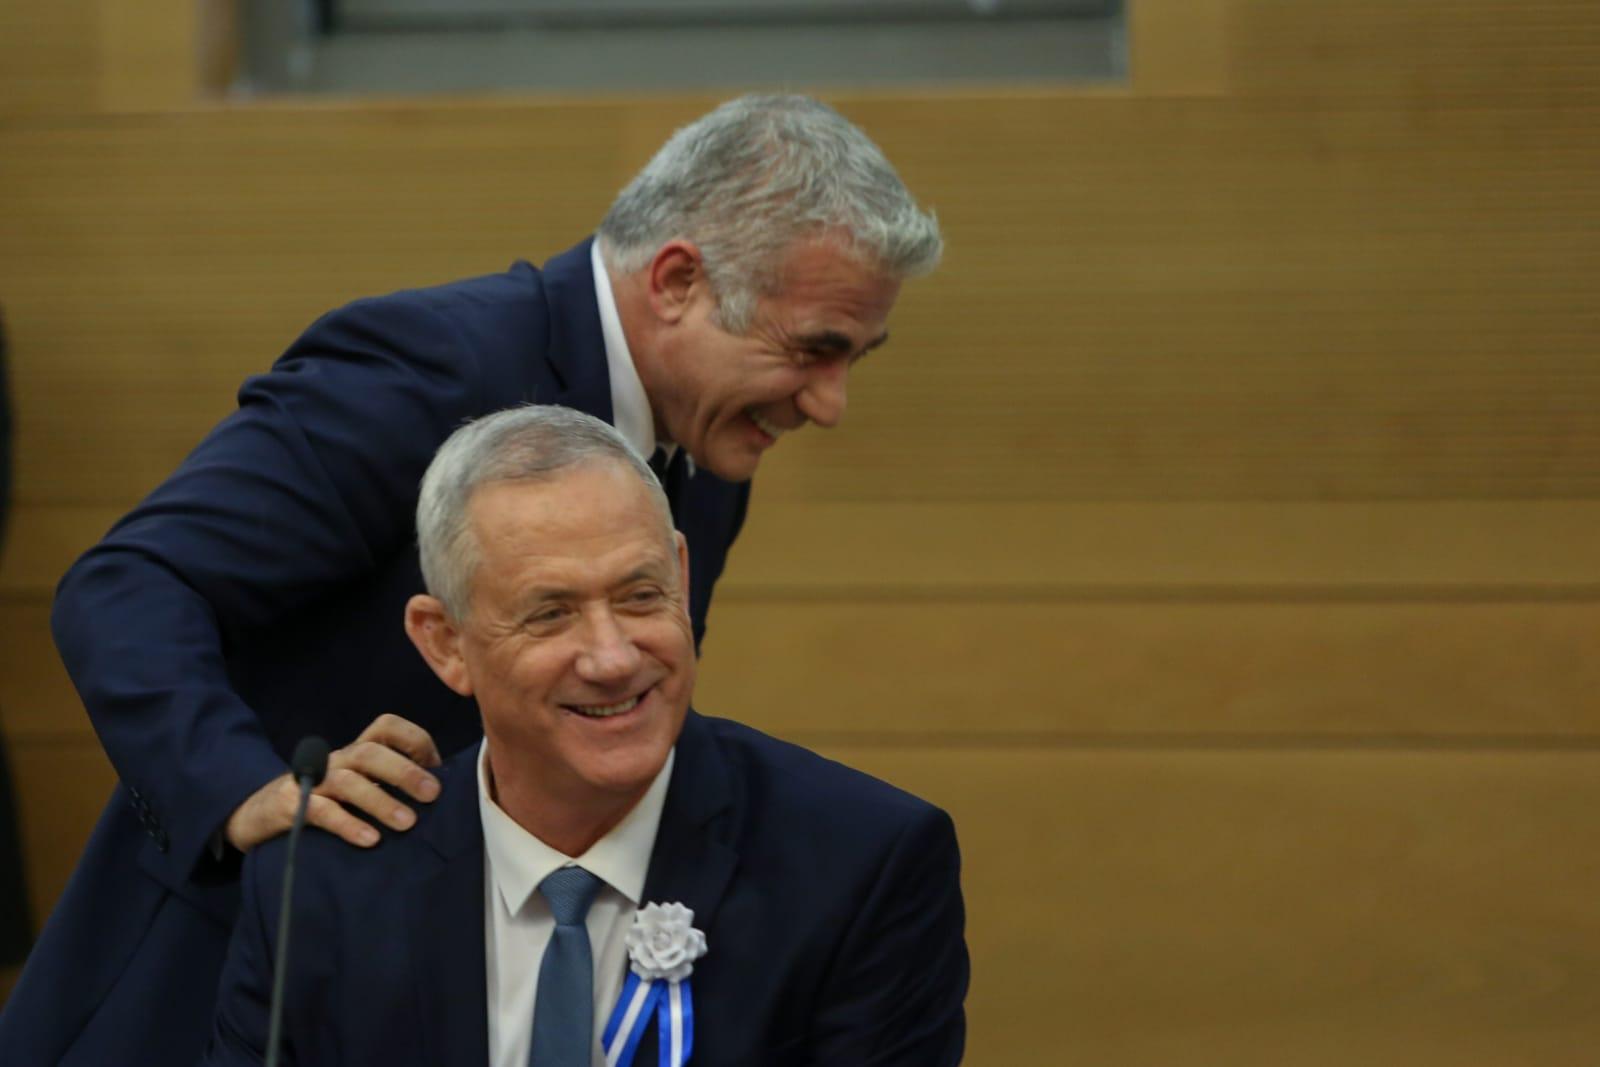 מה הצחיק את לפיד כל כך? (צילום: חיים גולדברג\סרוגים)